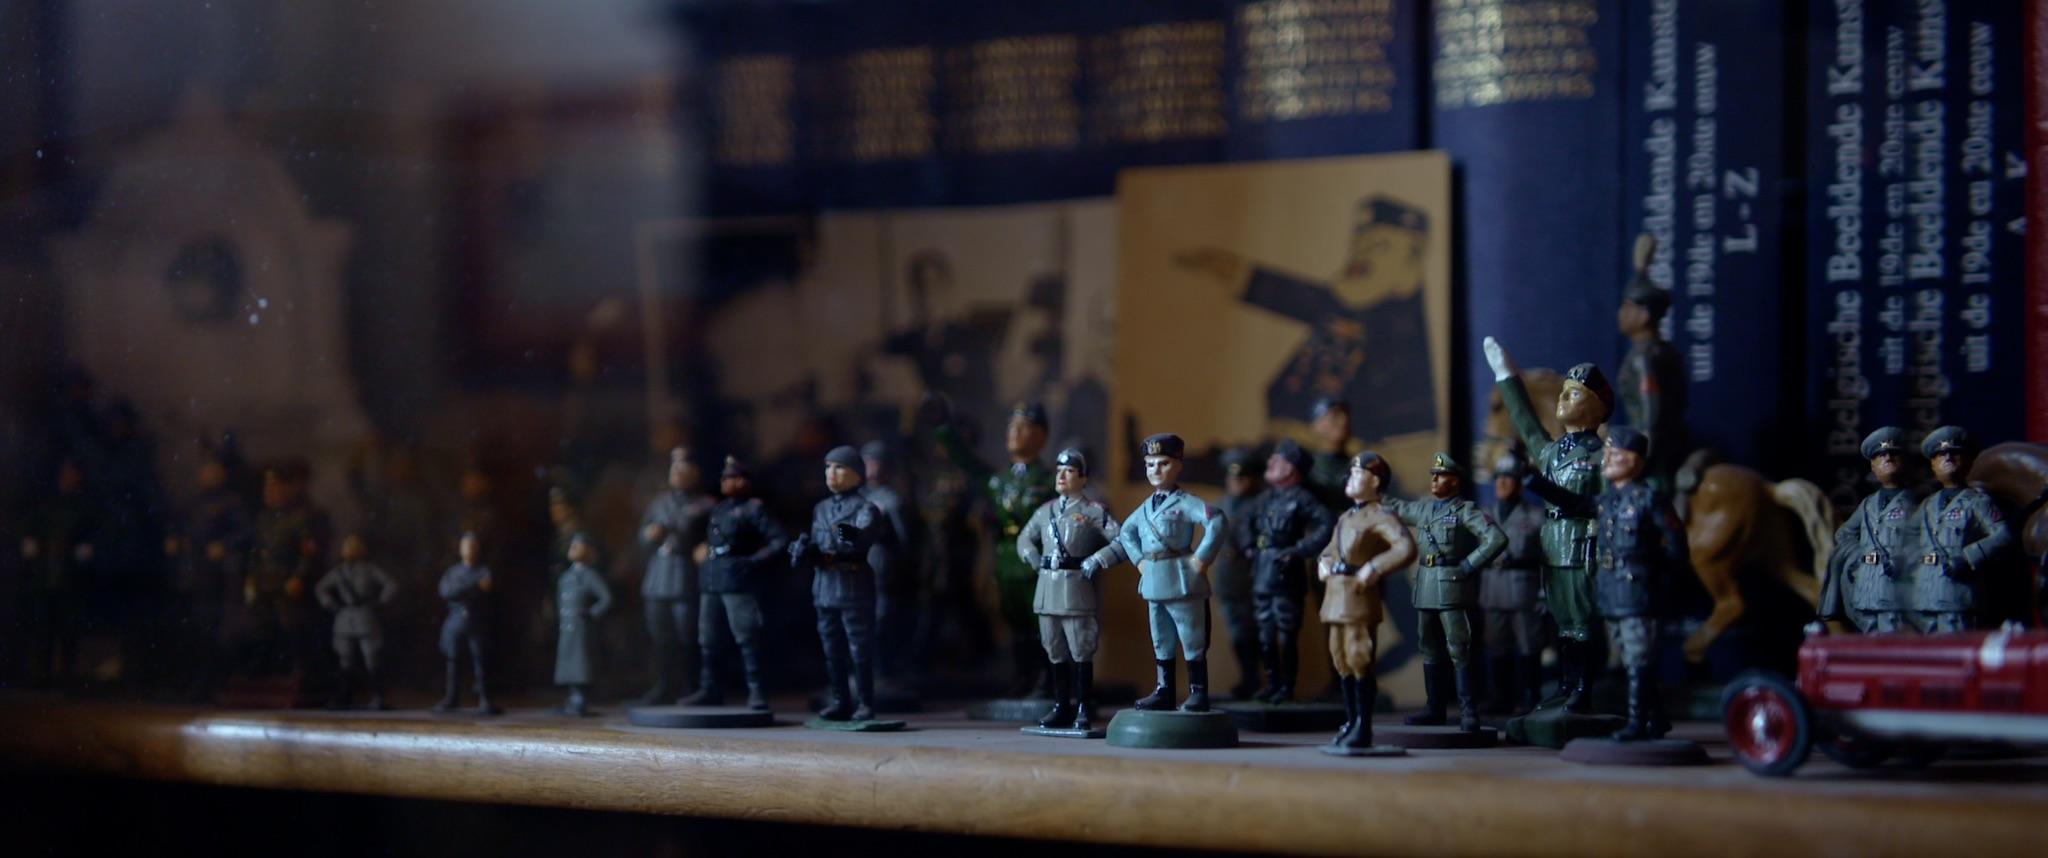 Fascist figurines